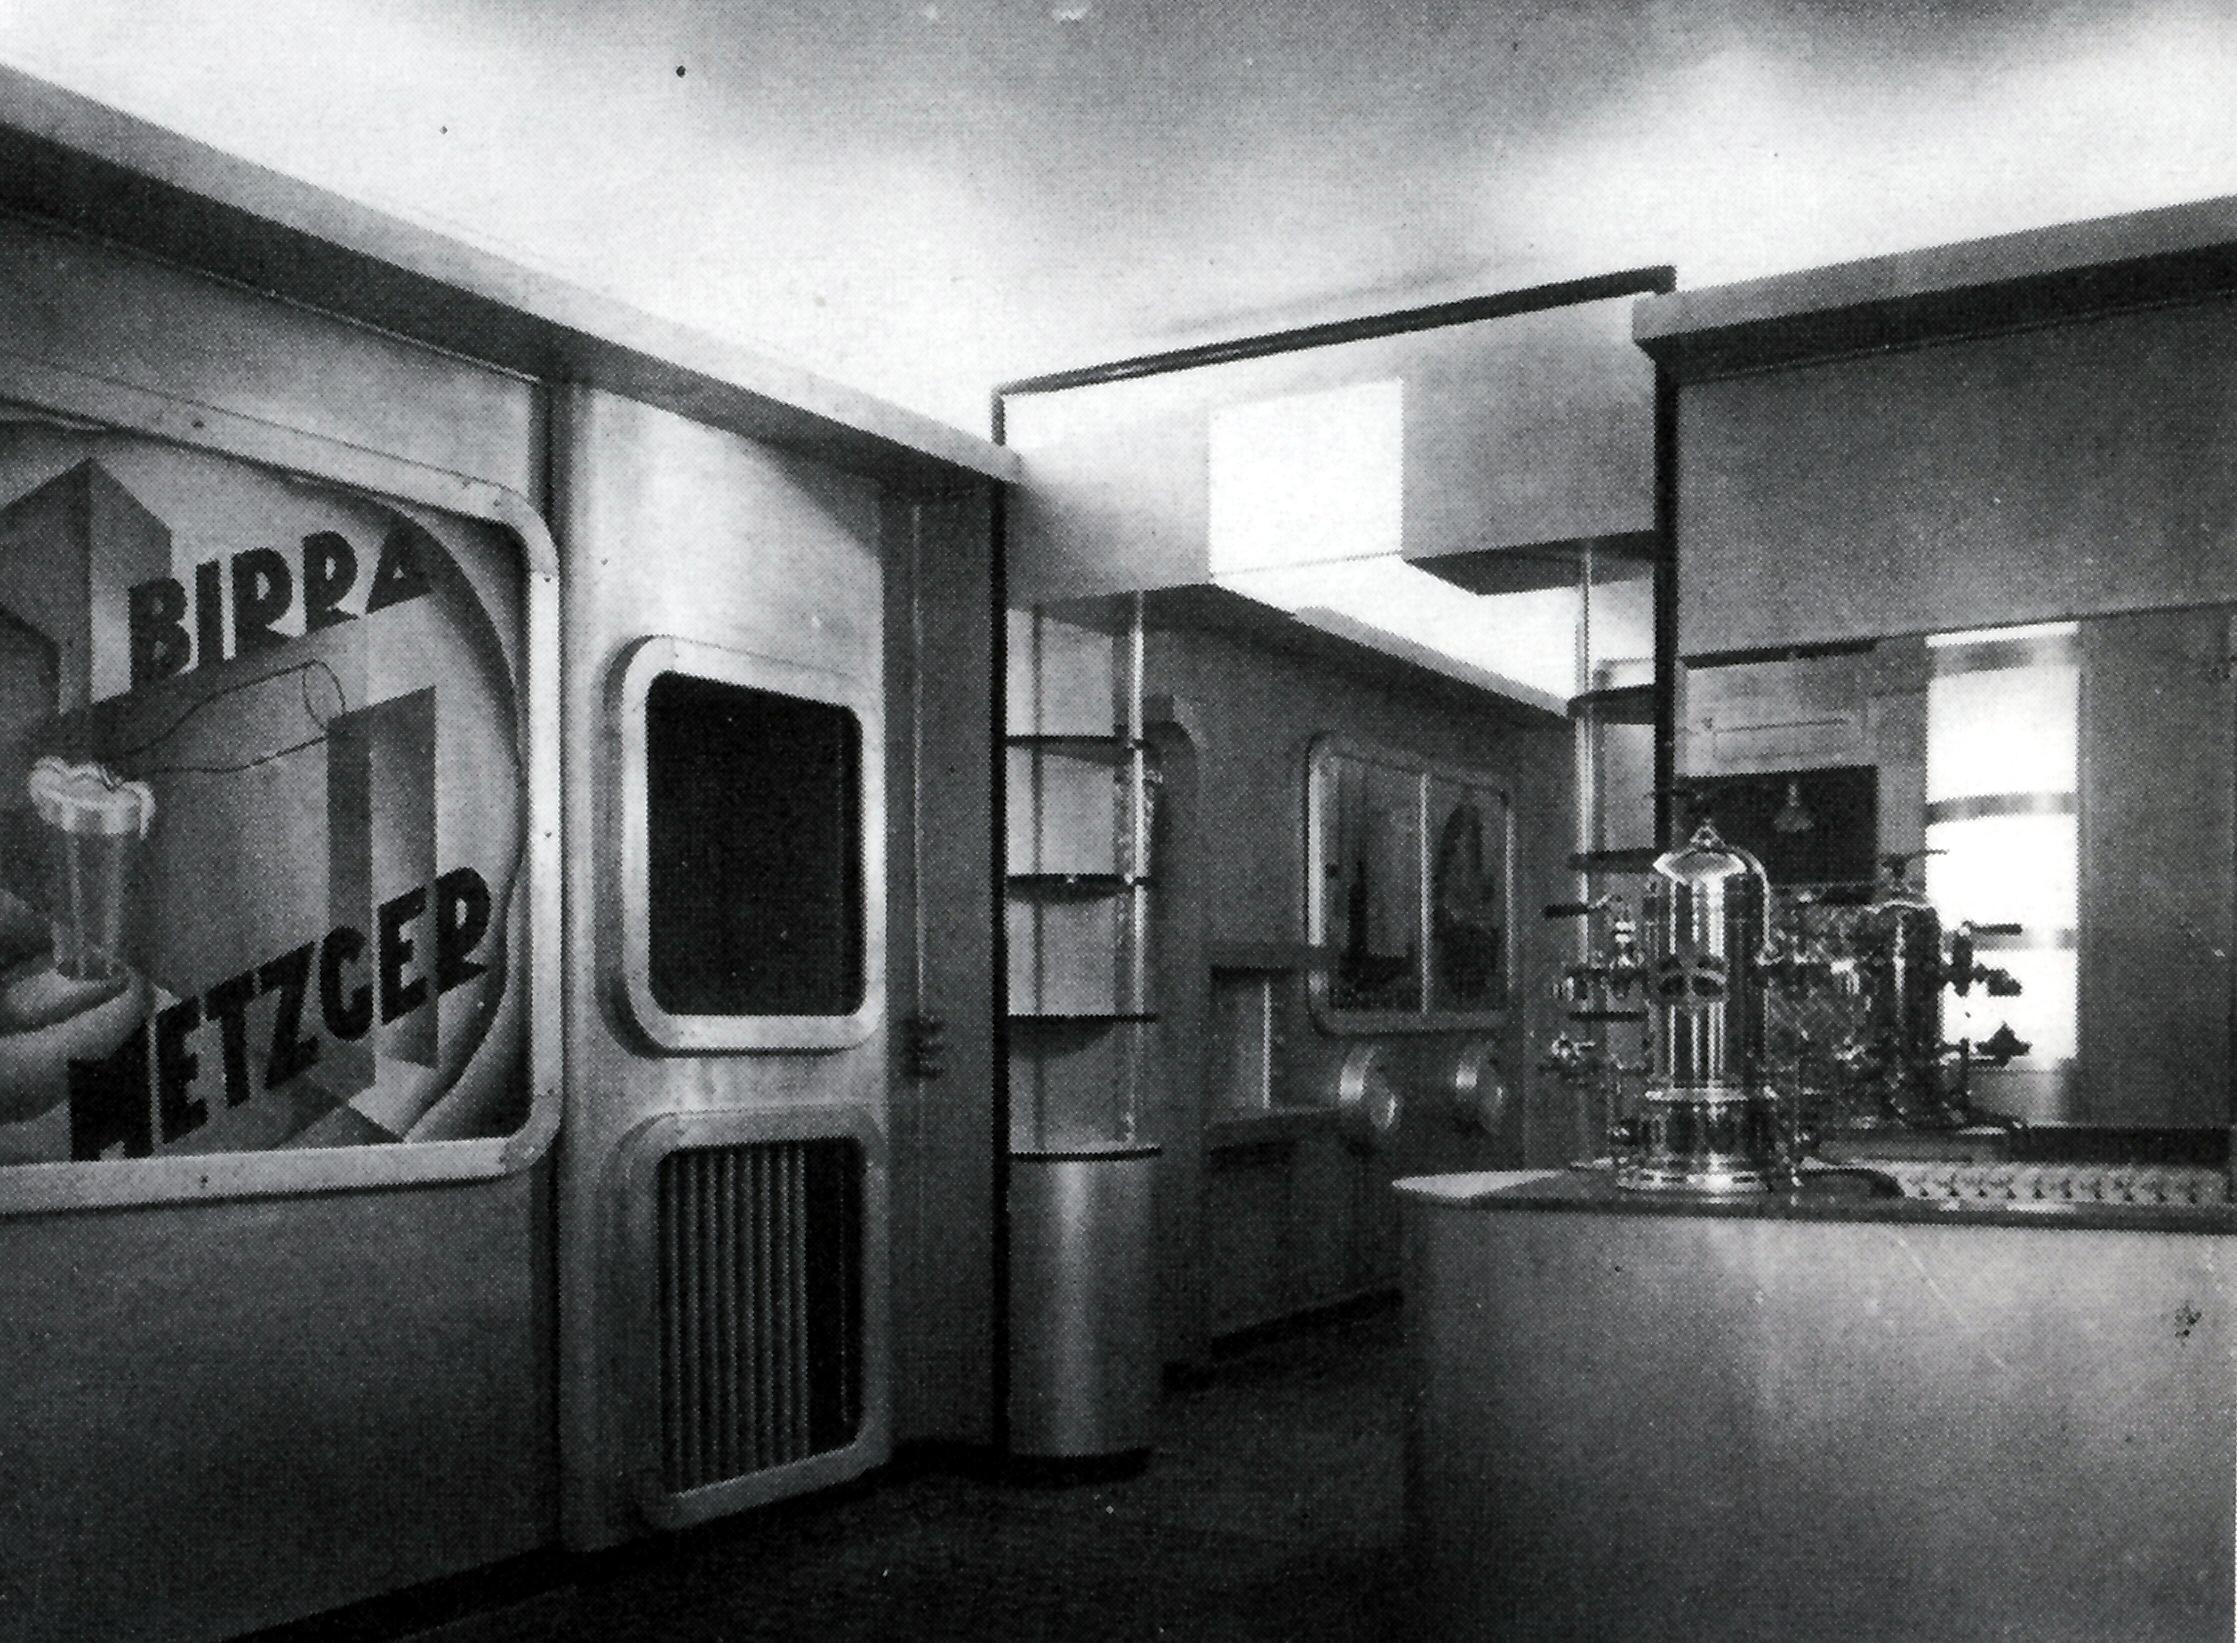 Luigi Colombo, in arte Fillìa, e l' architetto Nicolay Diulgheroff convinsero Angelo Giachino, proprietario del locale di via Vanchiglia 2 a Torino, ad aprire il primo ristorante futurista: la Taverna del Santopalato.